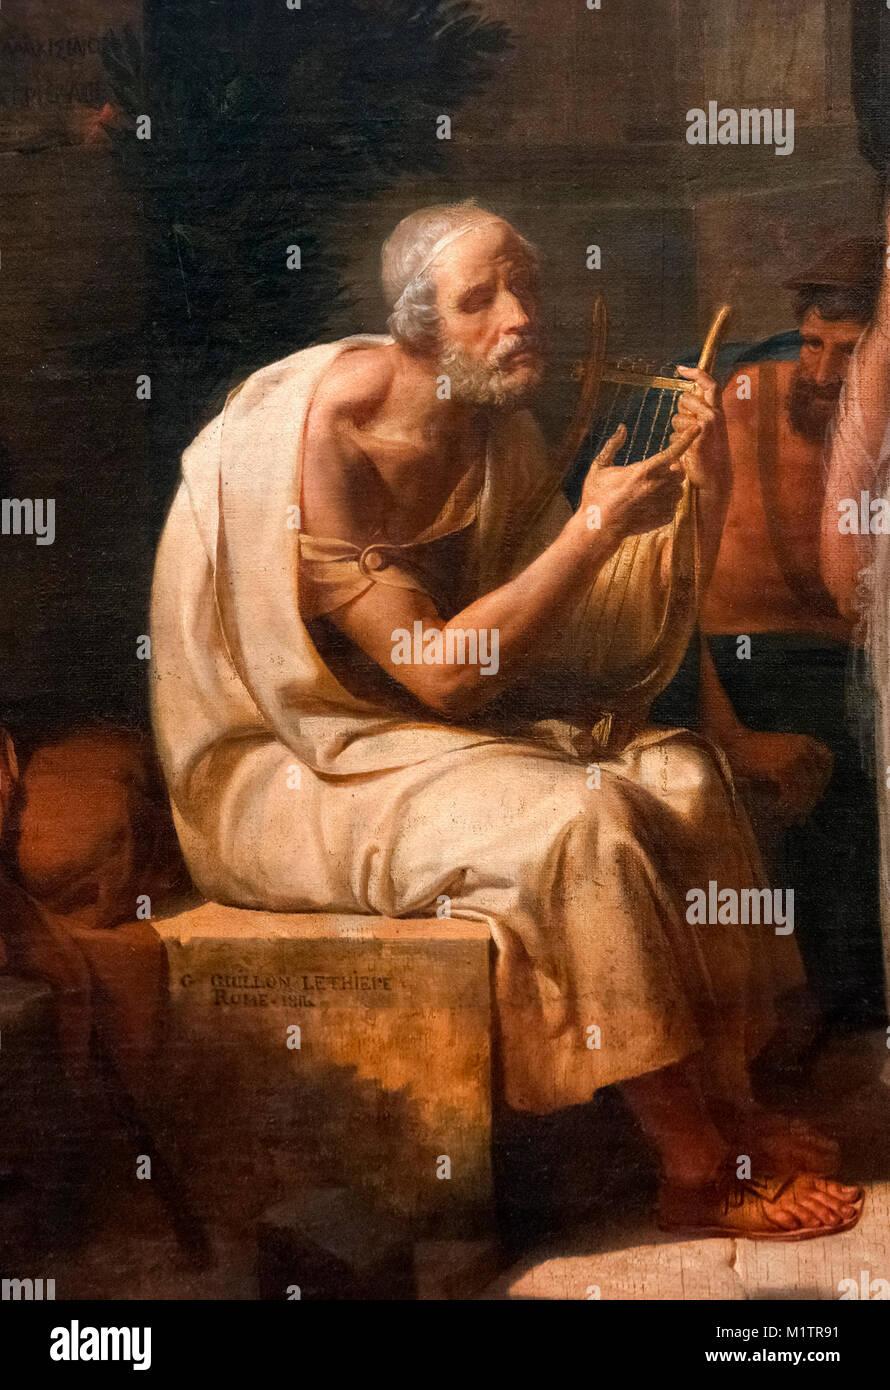 Homer cantando su Ilíada en la puerta de Atenas por Guillaume Lethiere (1760-1832), óleo sobre lienzo, Imagen De Stock